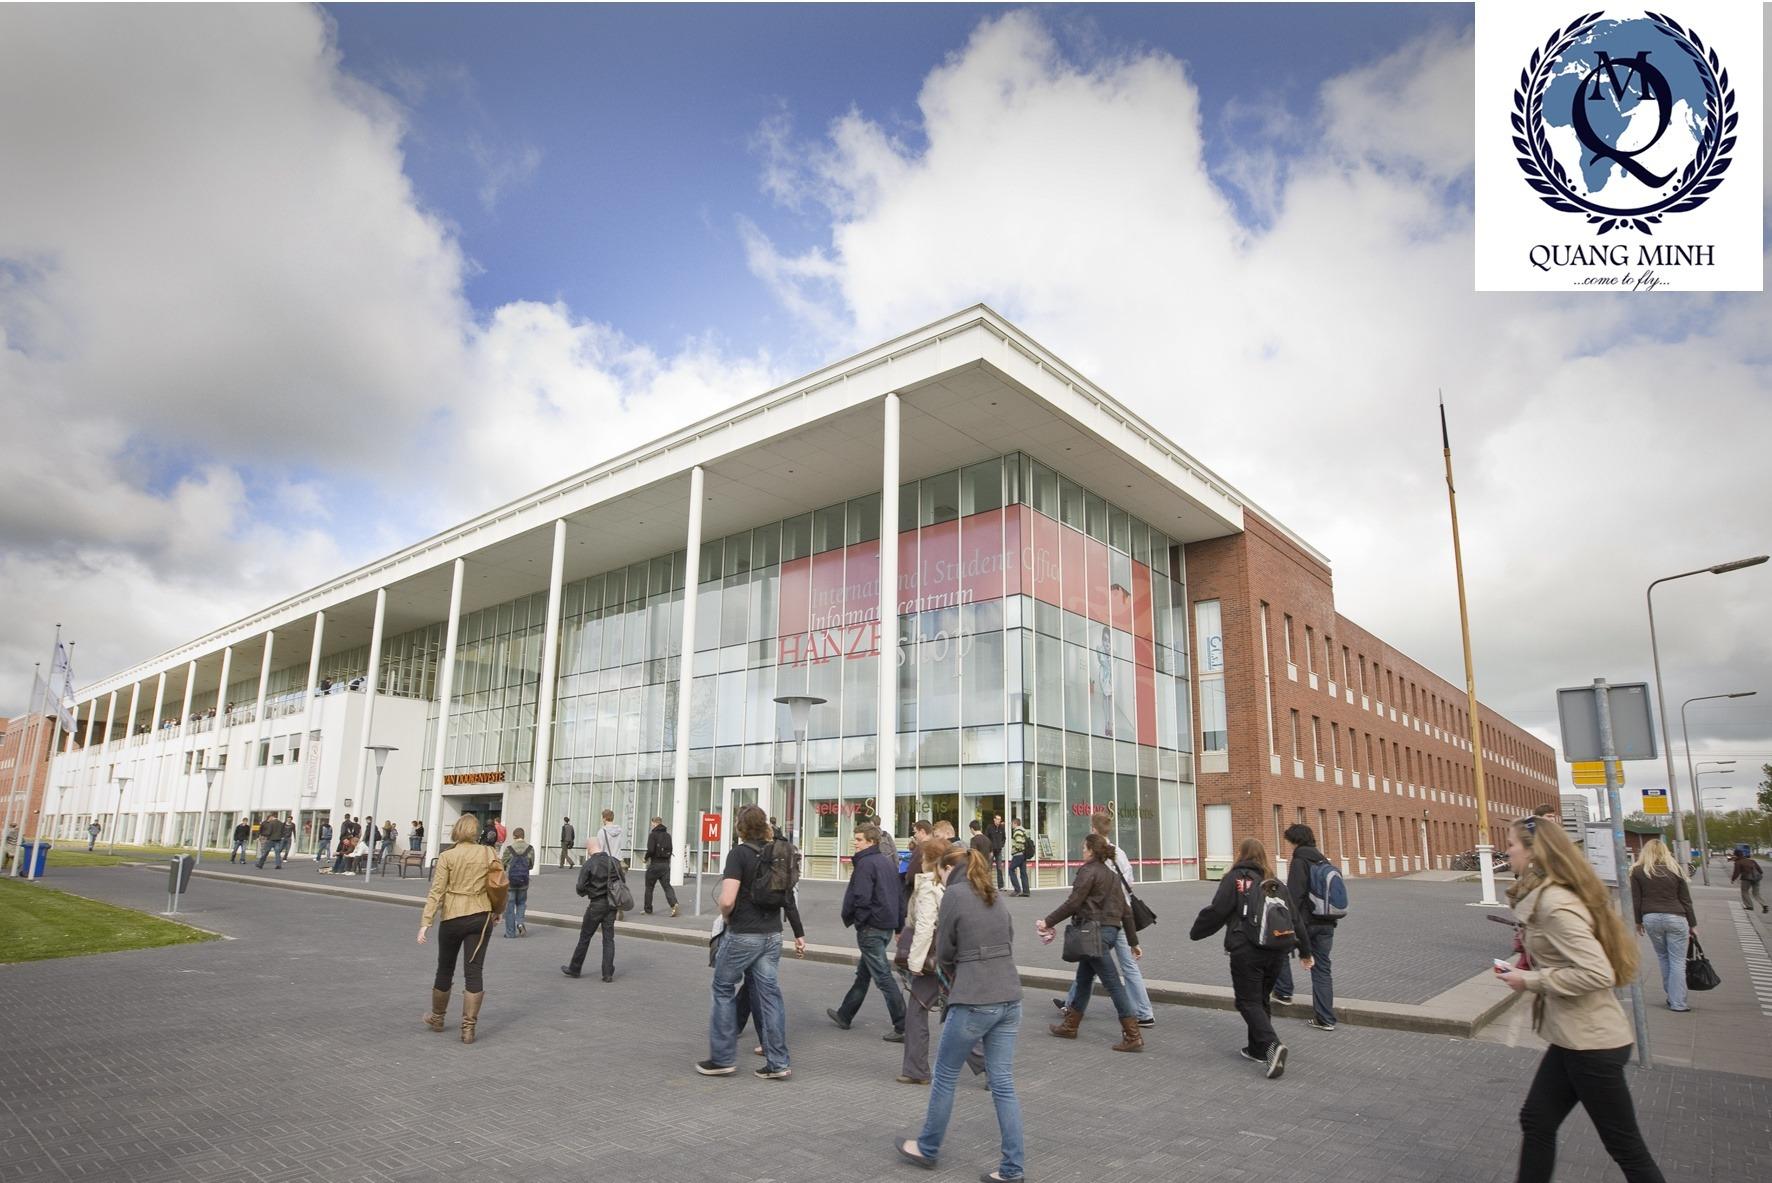 Du học Hà Lan tại Trường Đại học ứng dụng Hanze